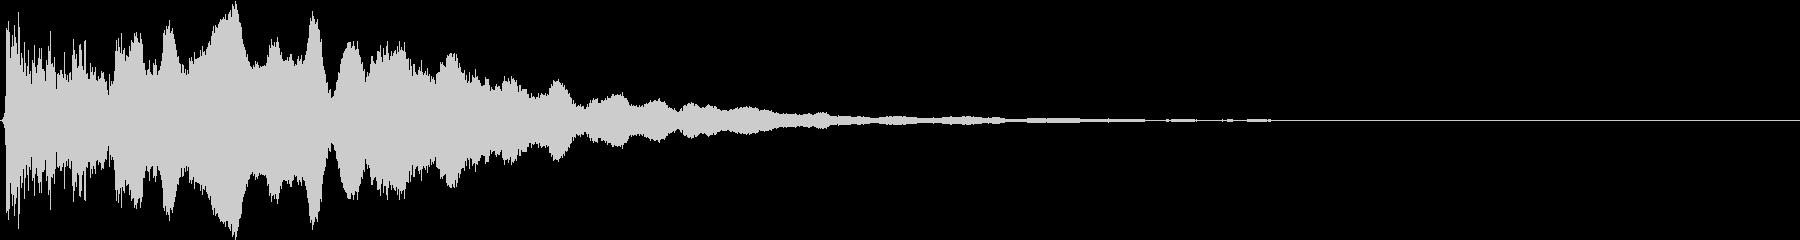 【和】笛の音が印象的な場面転換_02の未再生の波形